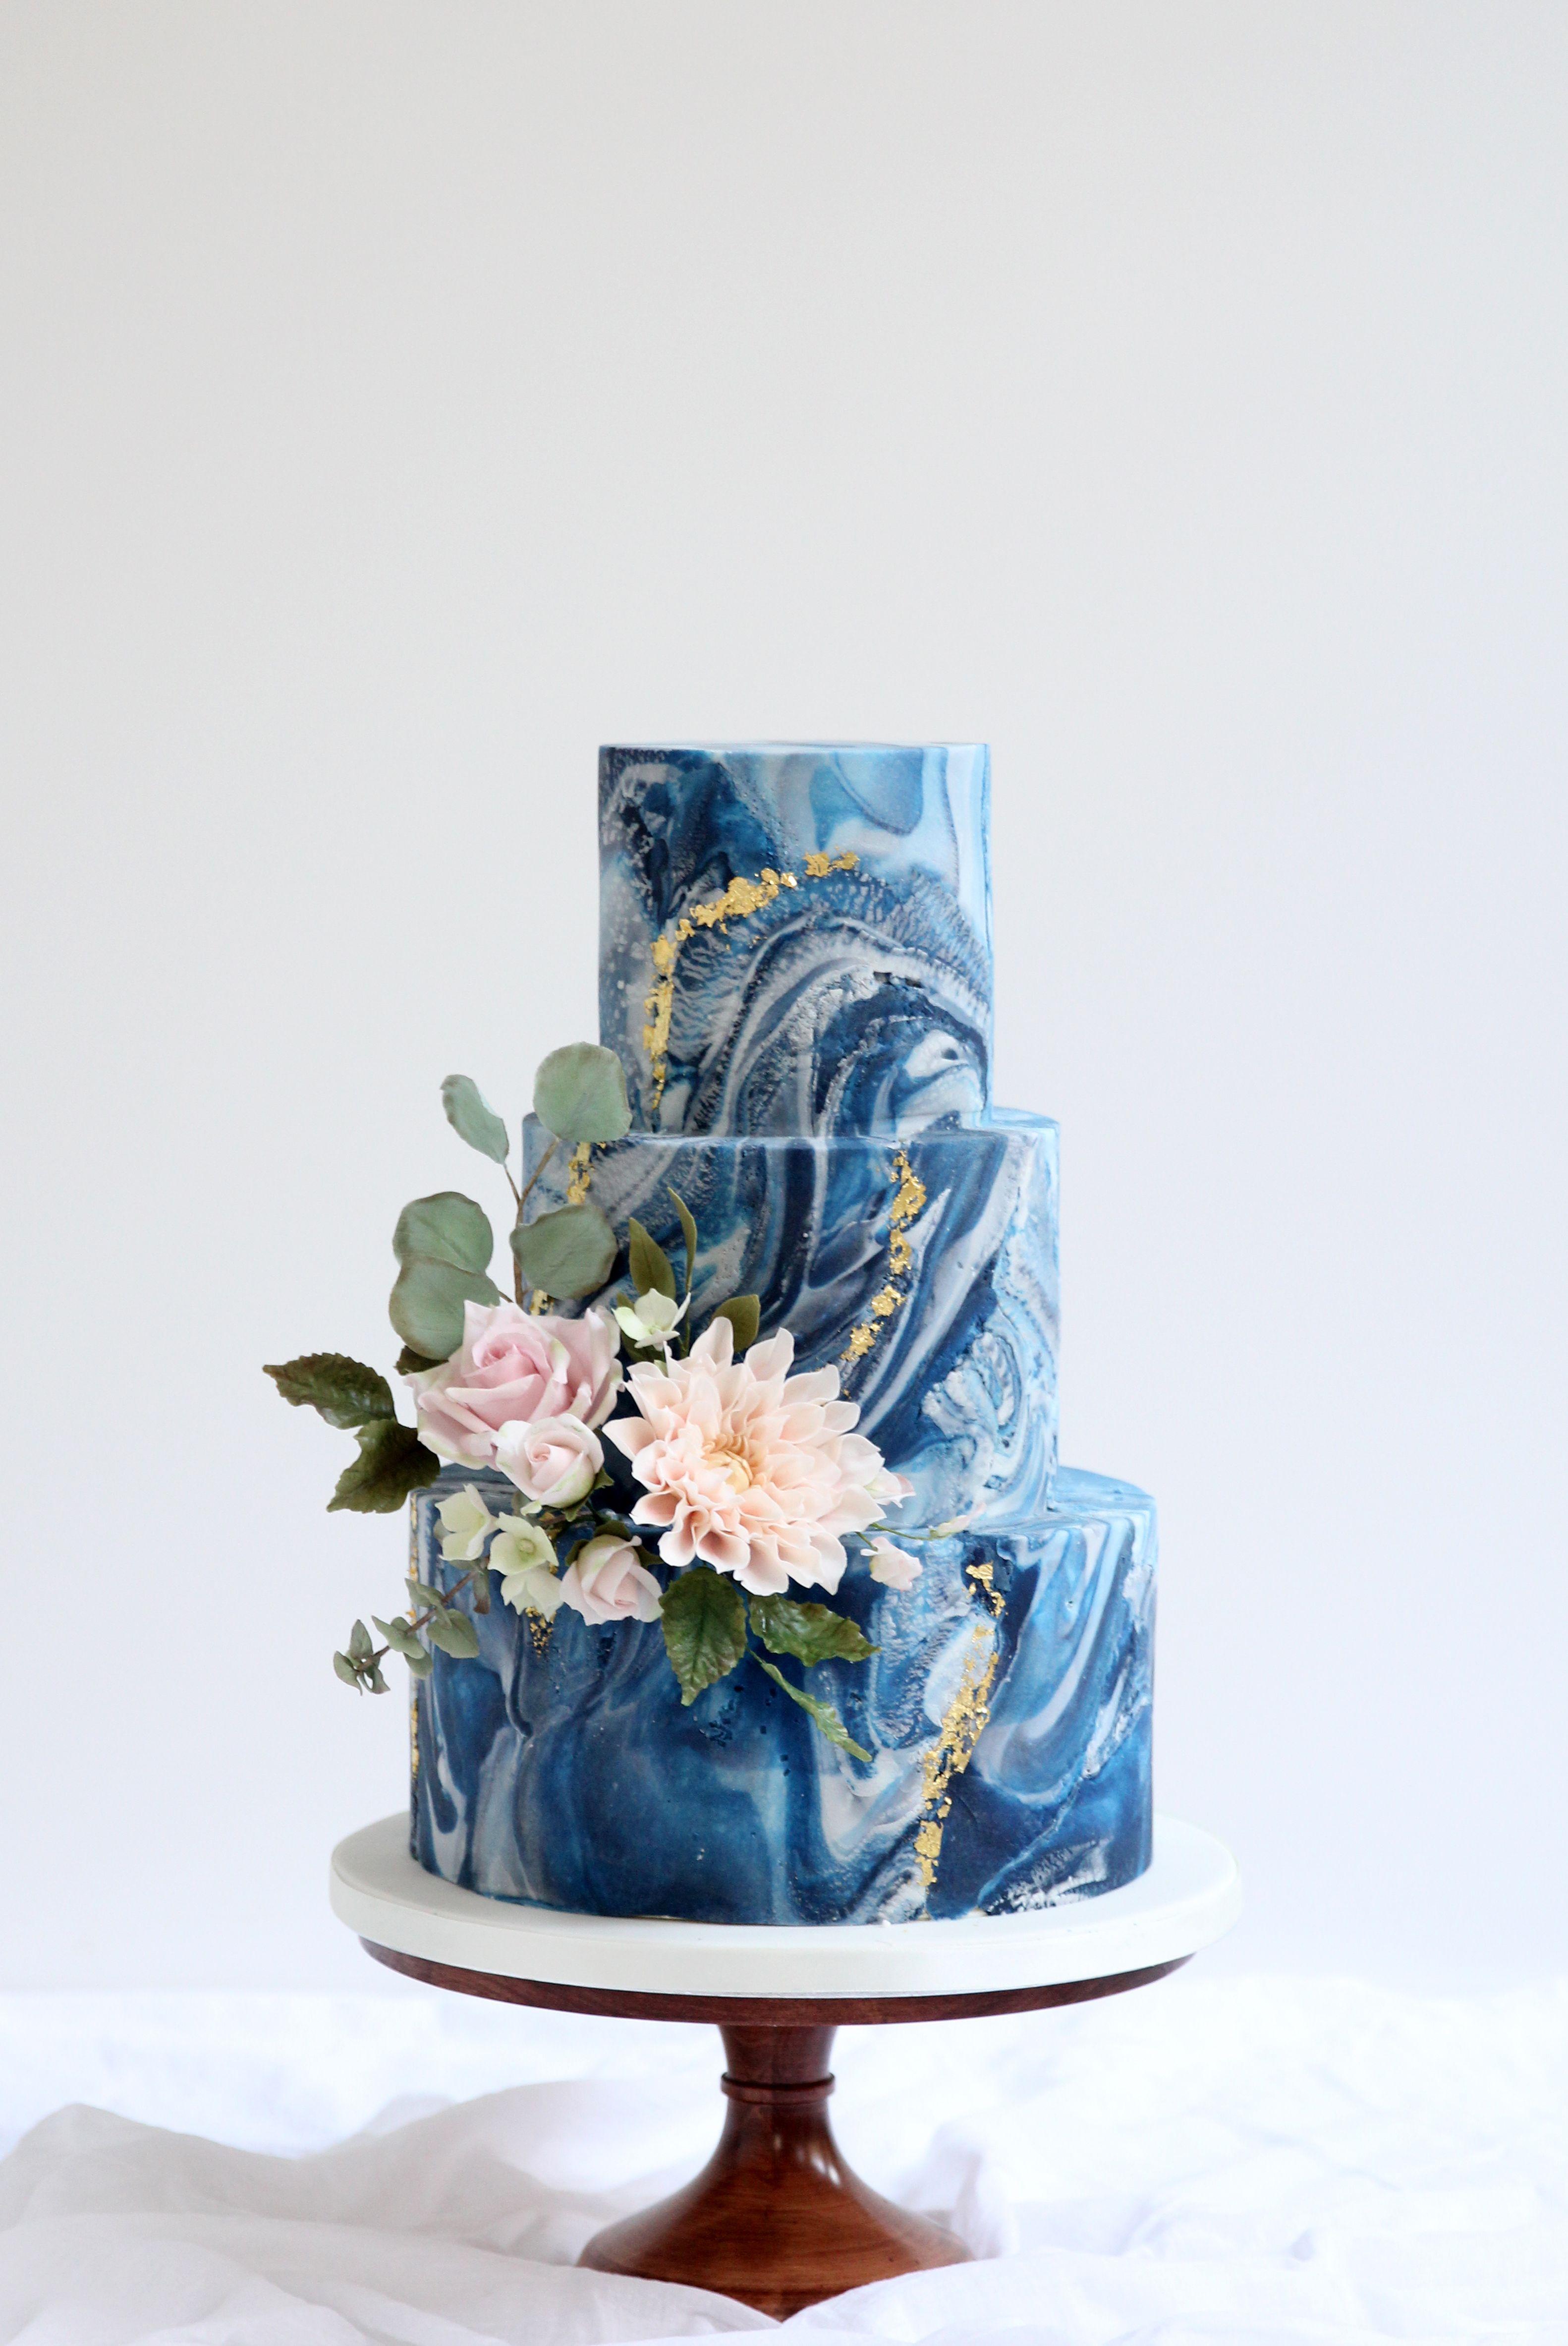 Cove Cake Design // bespoke Wedding Cakes // Dublin